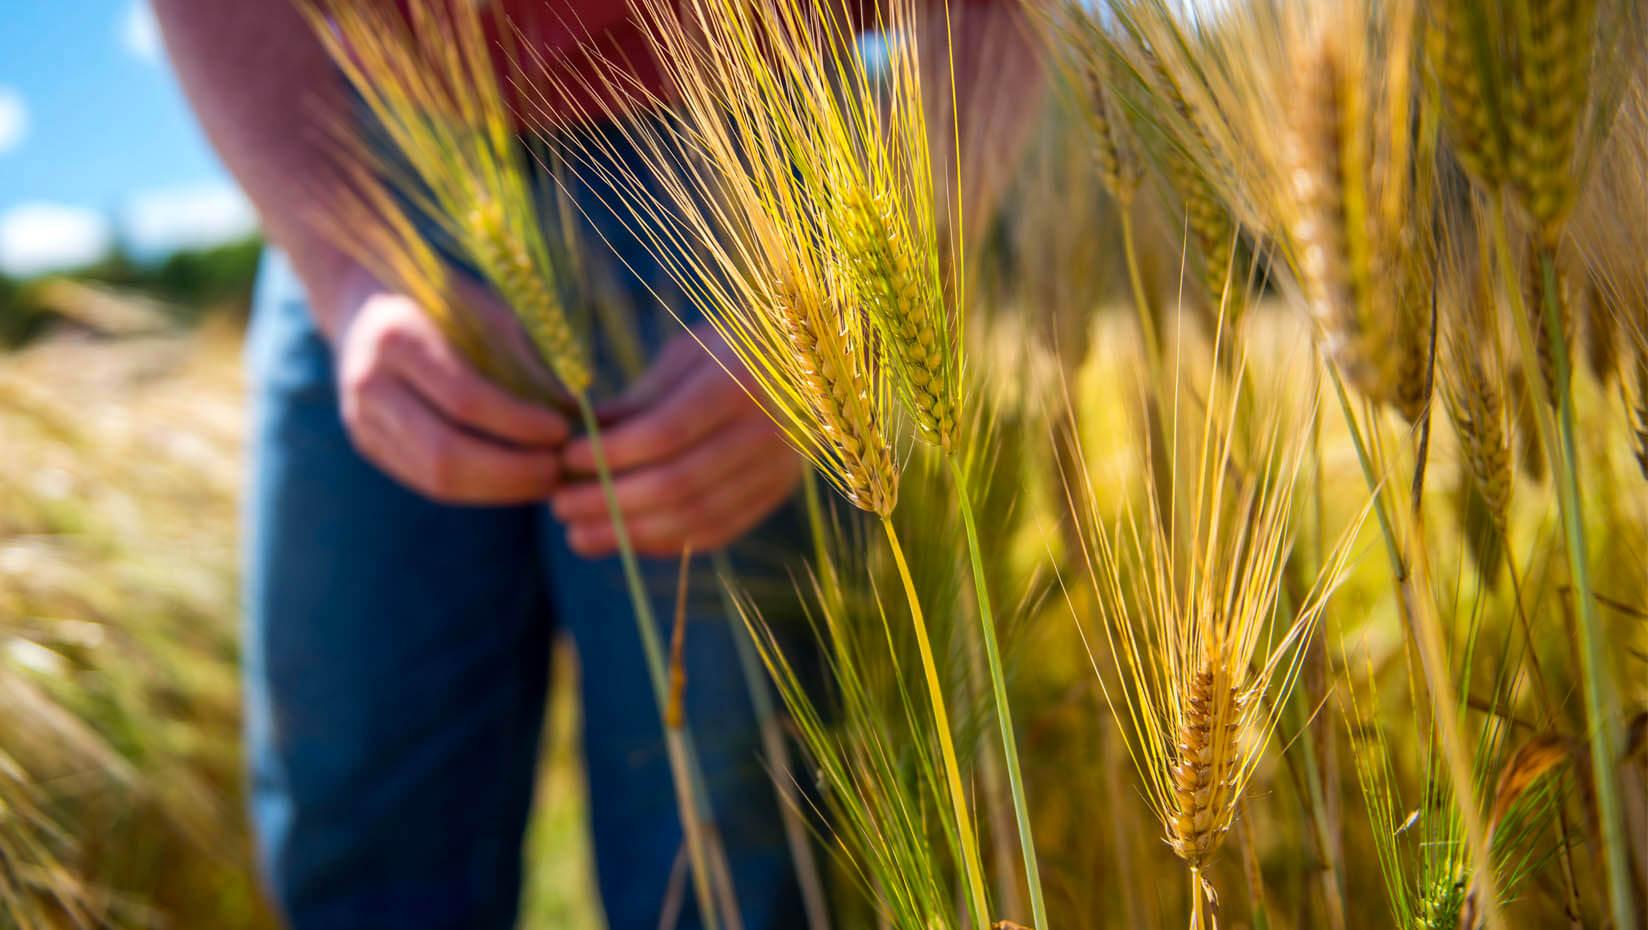 Grains growing in a field